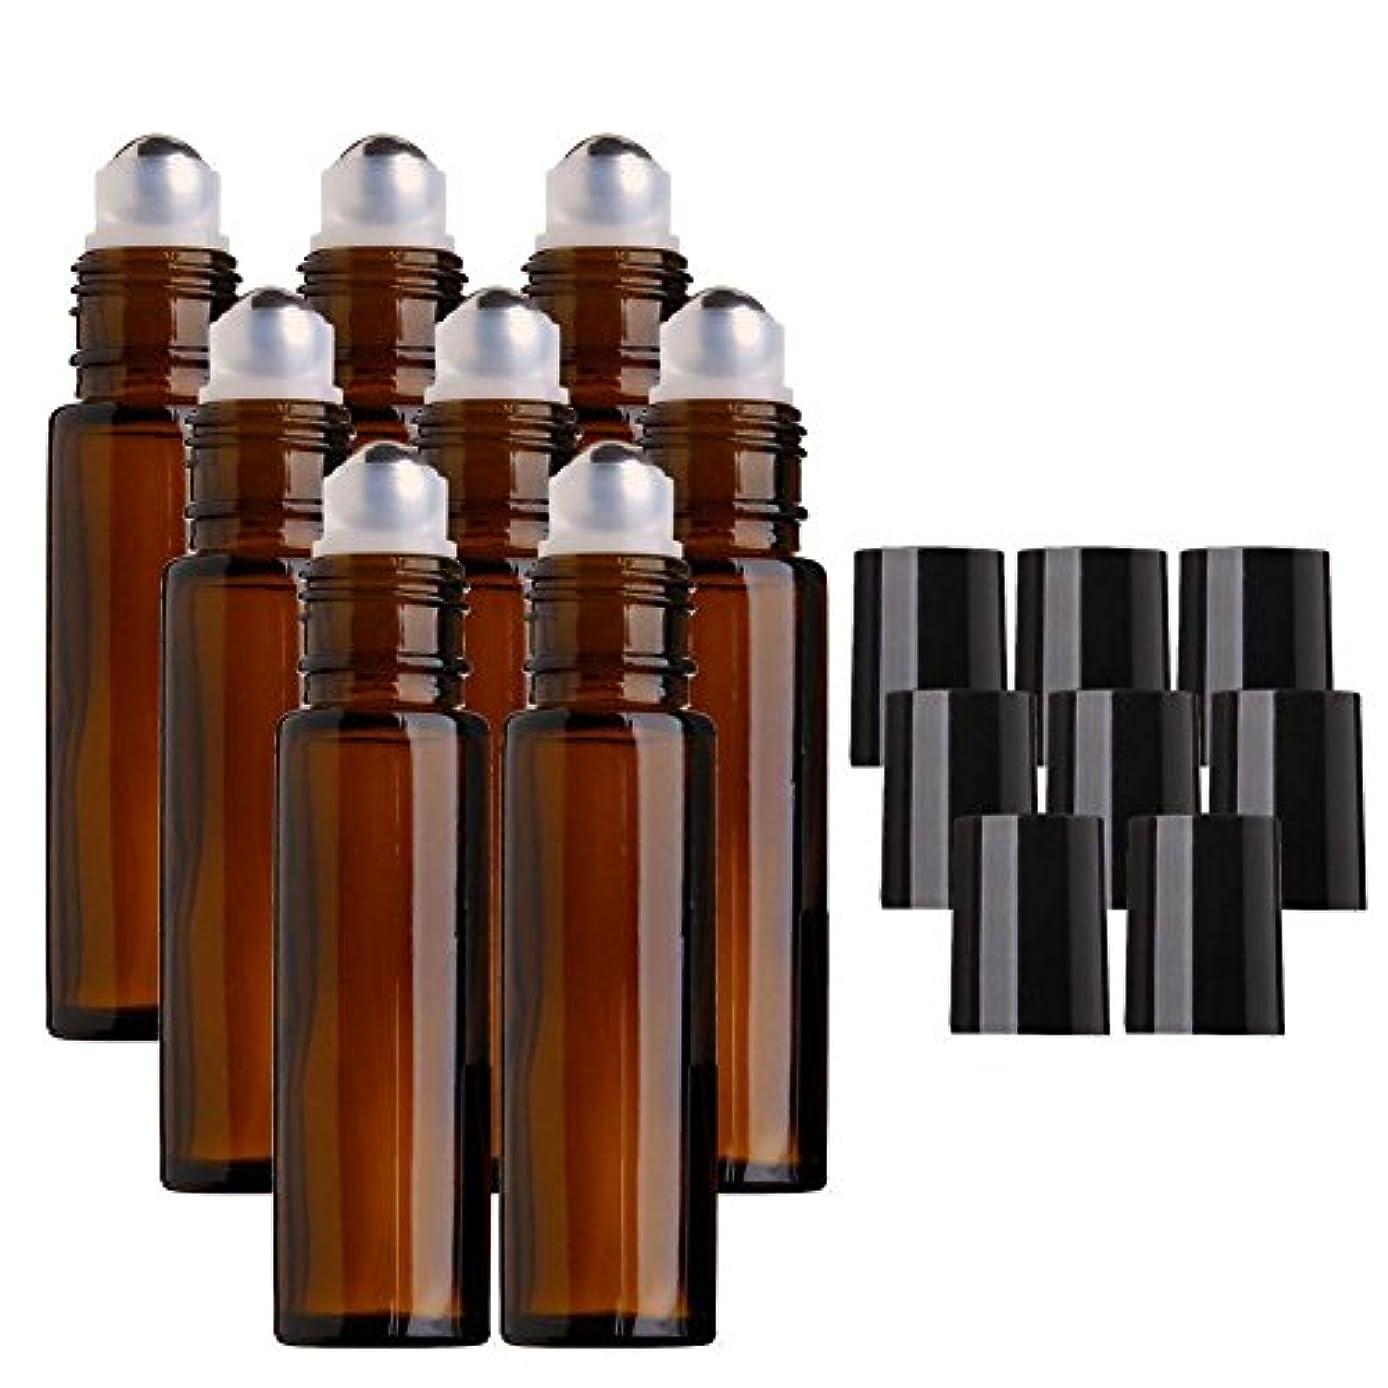 辞任令状スリップDECAI 8個アロマボトル、アロマ保存容器、ガラス瓶、ガラスびん、エッセンシャルオイルボトル、ステンレススチール製メタルボール付き10mlアンバーガラスローラーボトル、エッセンシャルオイル、アロマテラピー香水、液体用ローラーボールボトル...